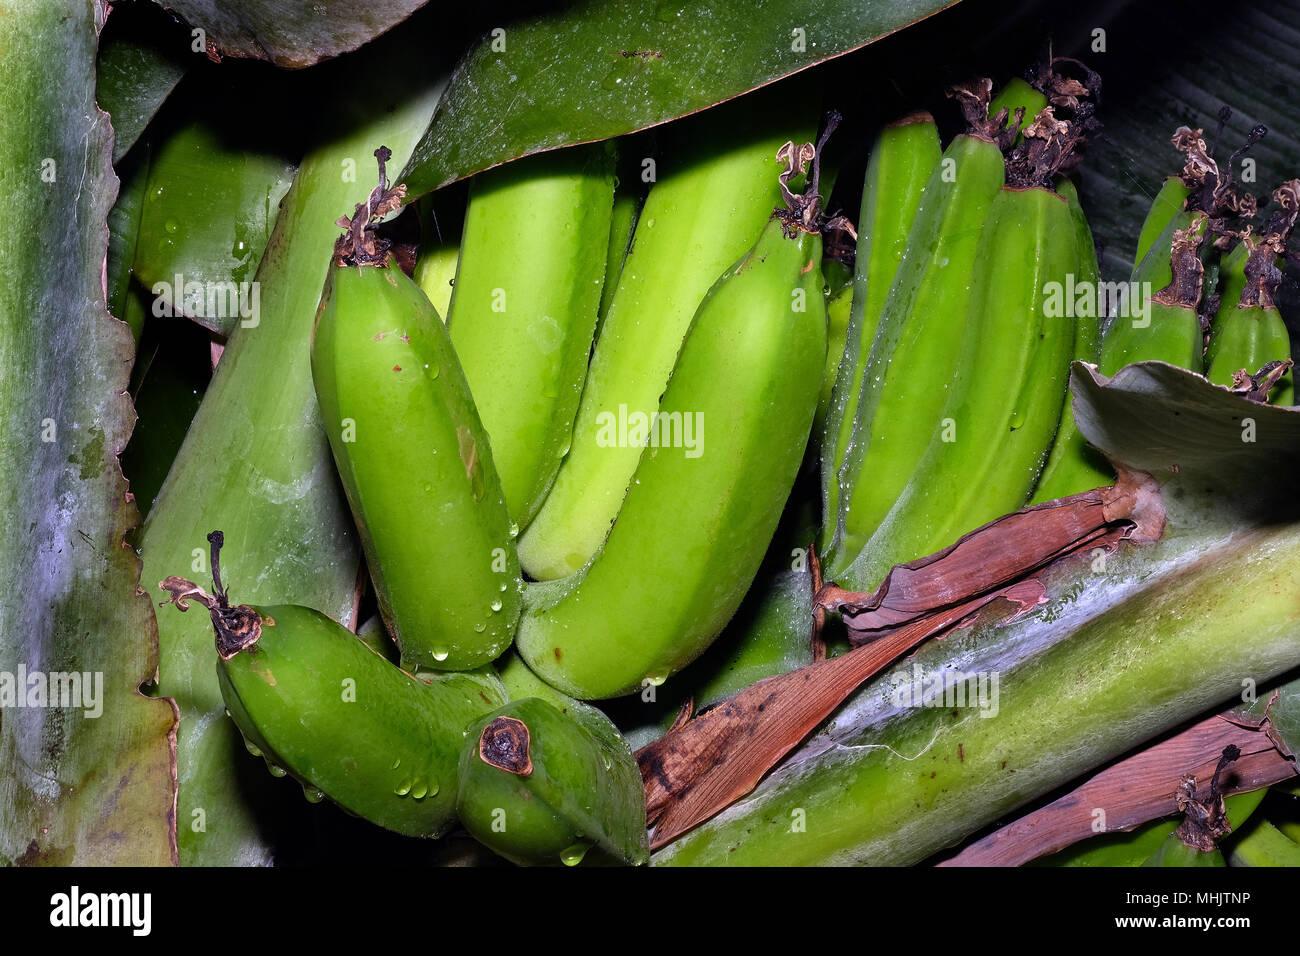 Une Banane Est Un Fruit Comestible Botaniquement Un Berry